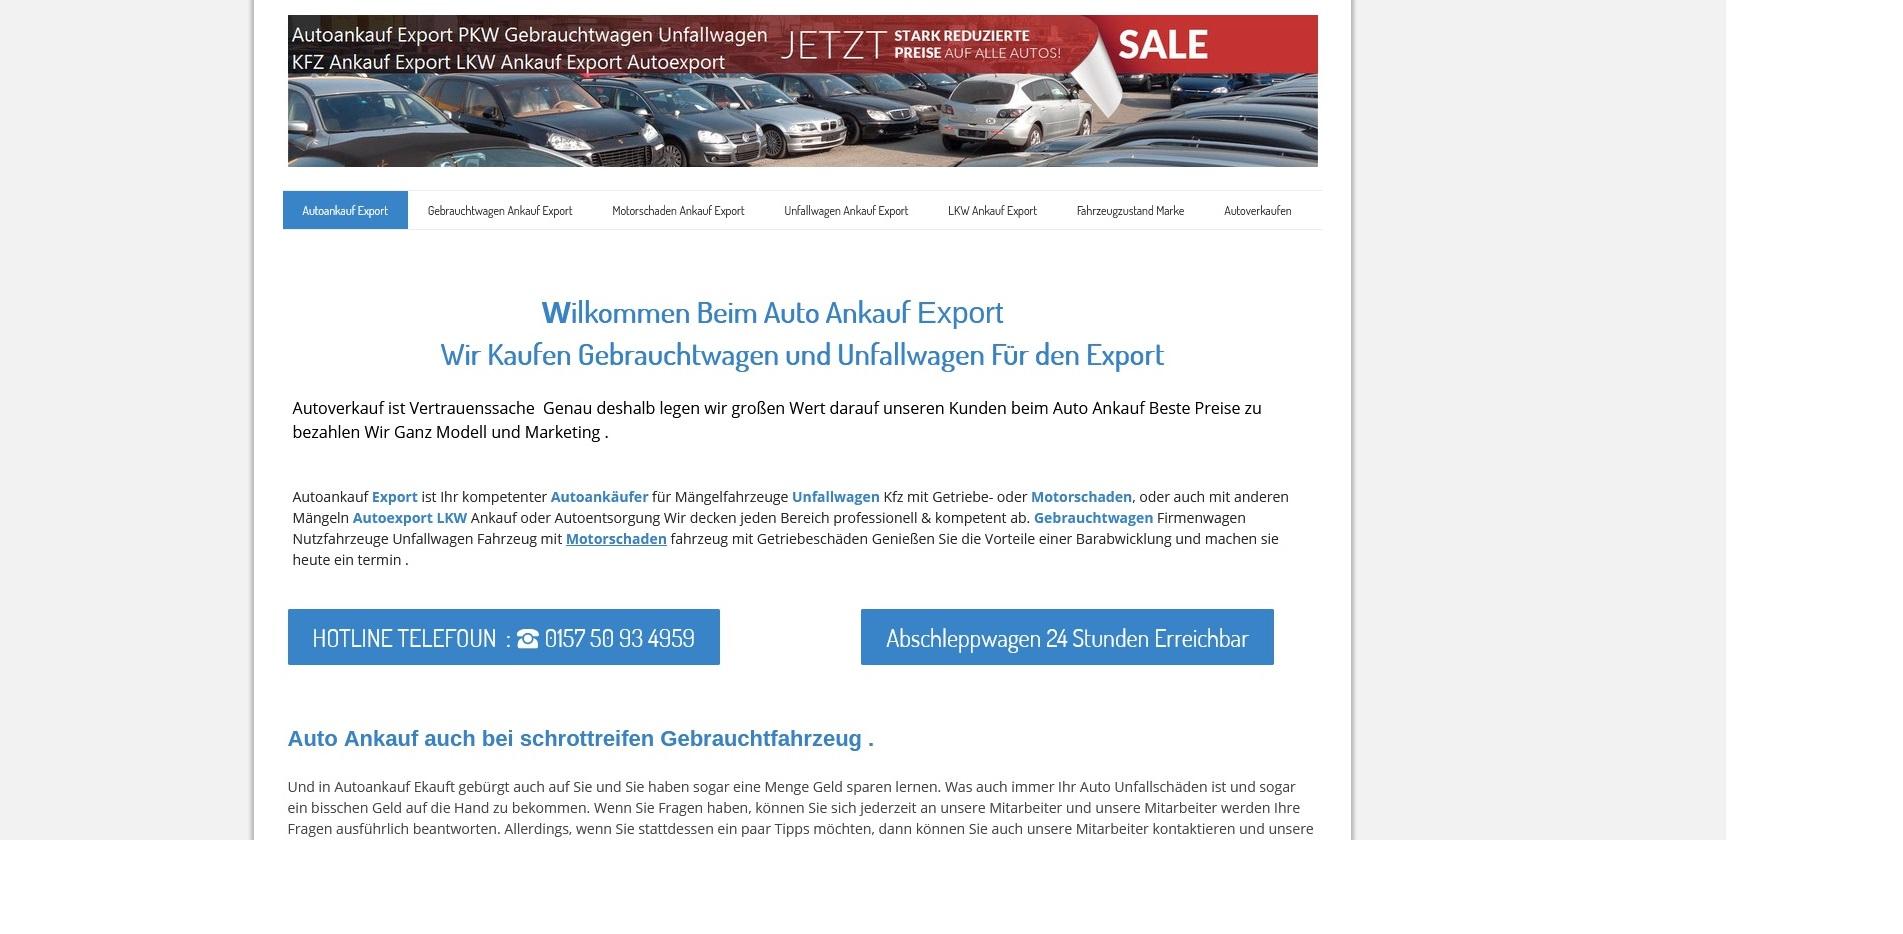 Kfz-Ankauf-export.de | Autoankauf Ratingen | Autoankauf Export Ratingen